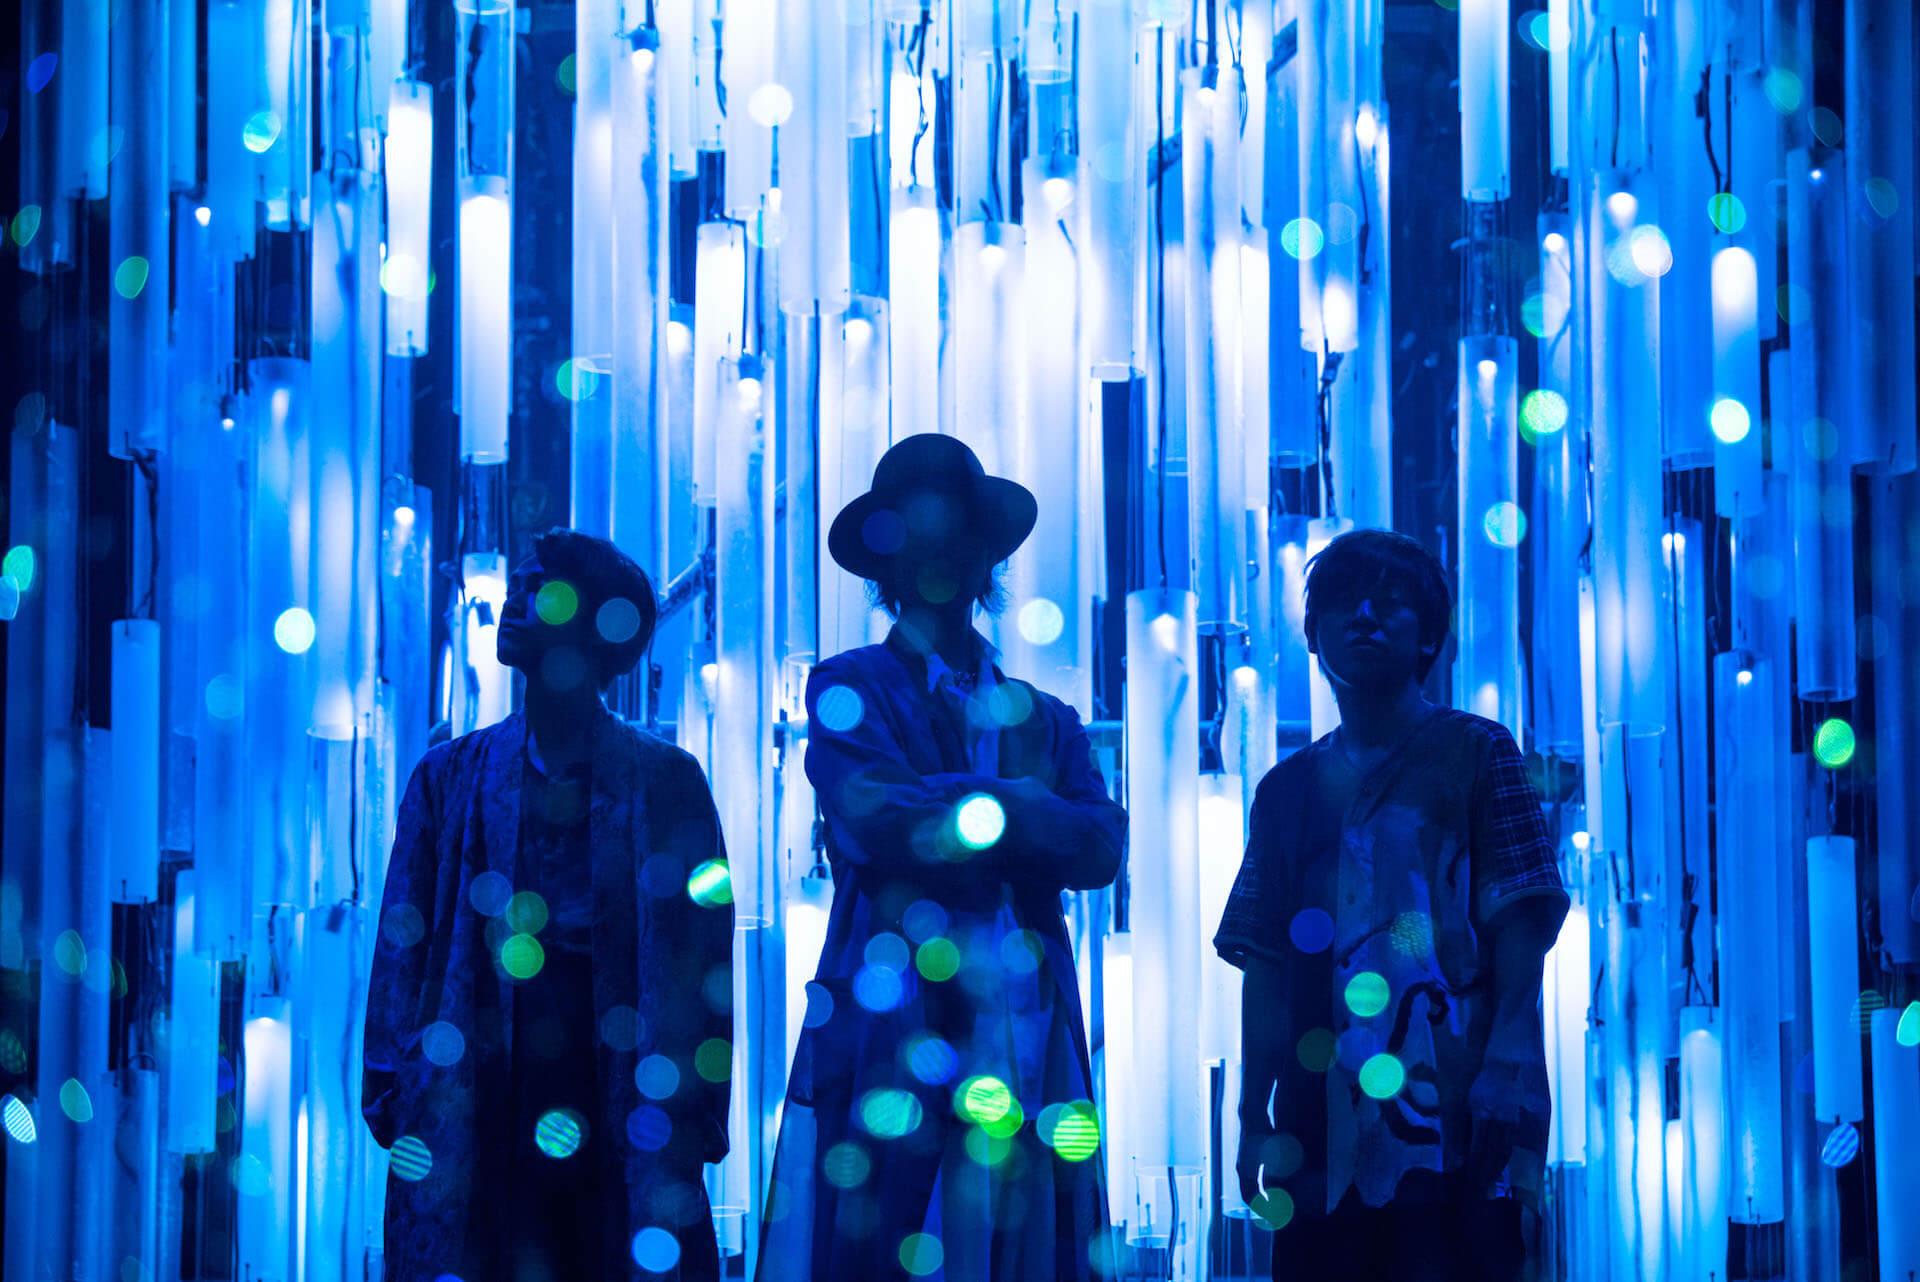 メジャーデビュー15周年のRADWIMPSが横浜アリーナで配信ライブ&有観客ライブを実施決定!貴重な公開ゲネプロも music201023_radwimps_main